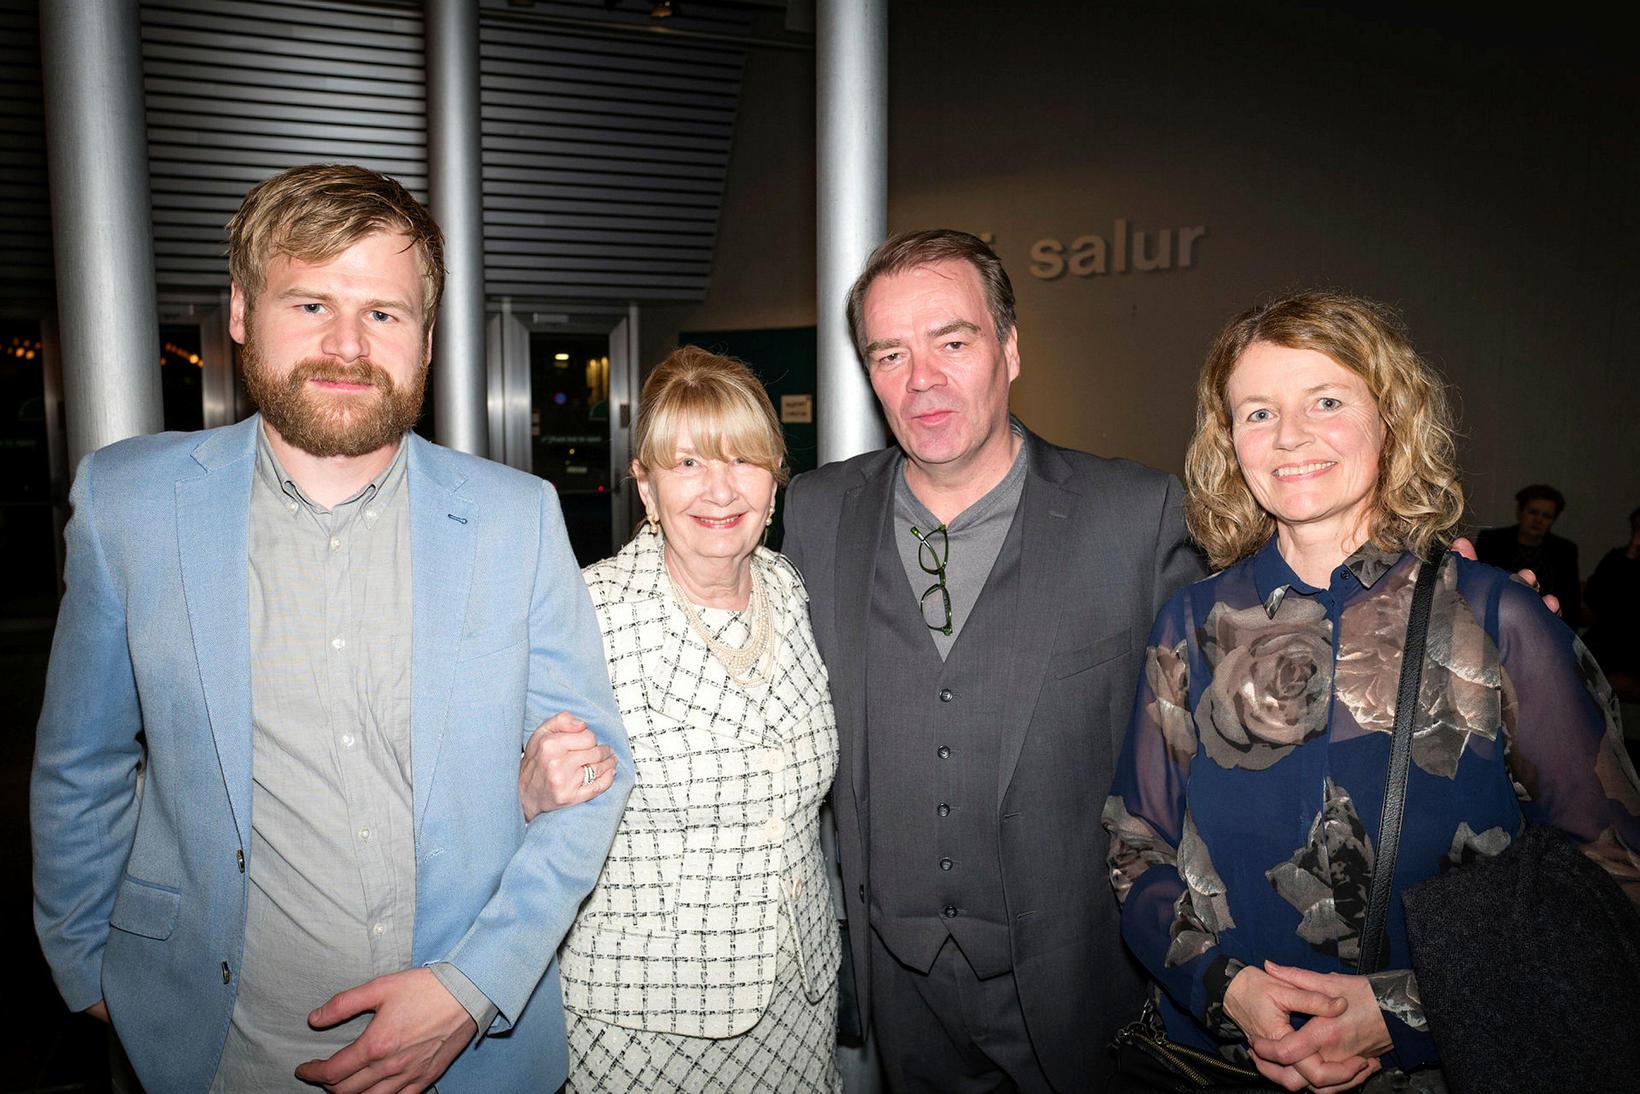 Garðar Borgþórsson, Kristín Jóhannesdóttir, Björn Bergsteinn og Ragna Sigurðardóttir.